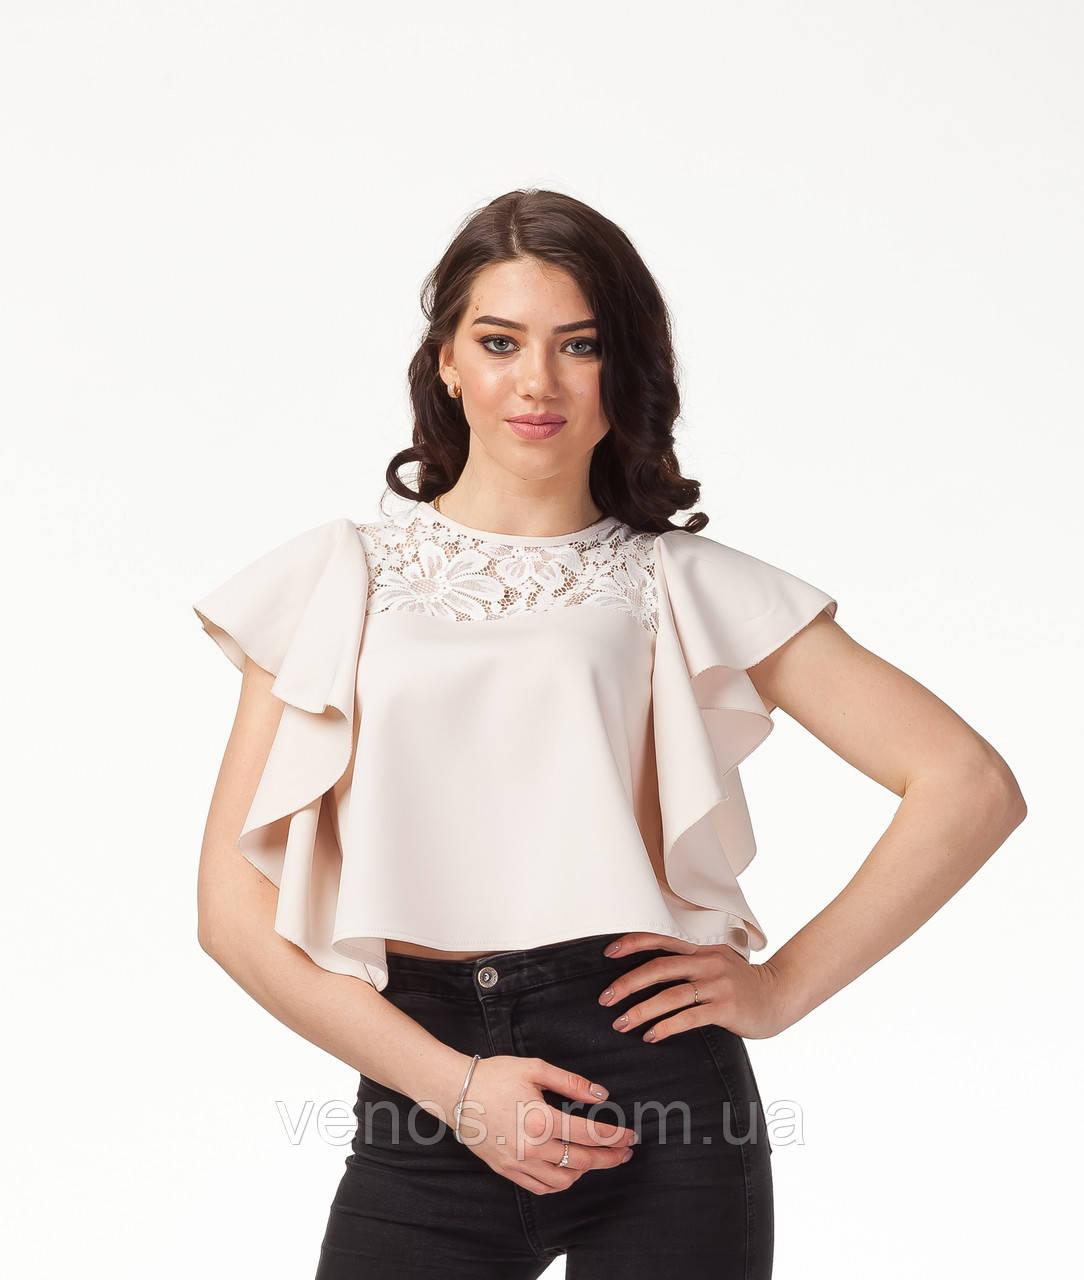 Женская блуза с воланами. К078